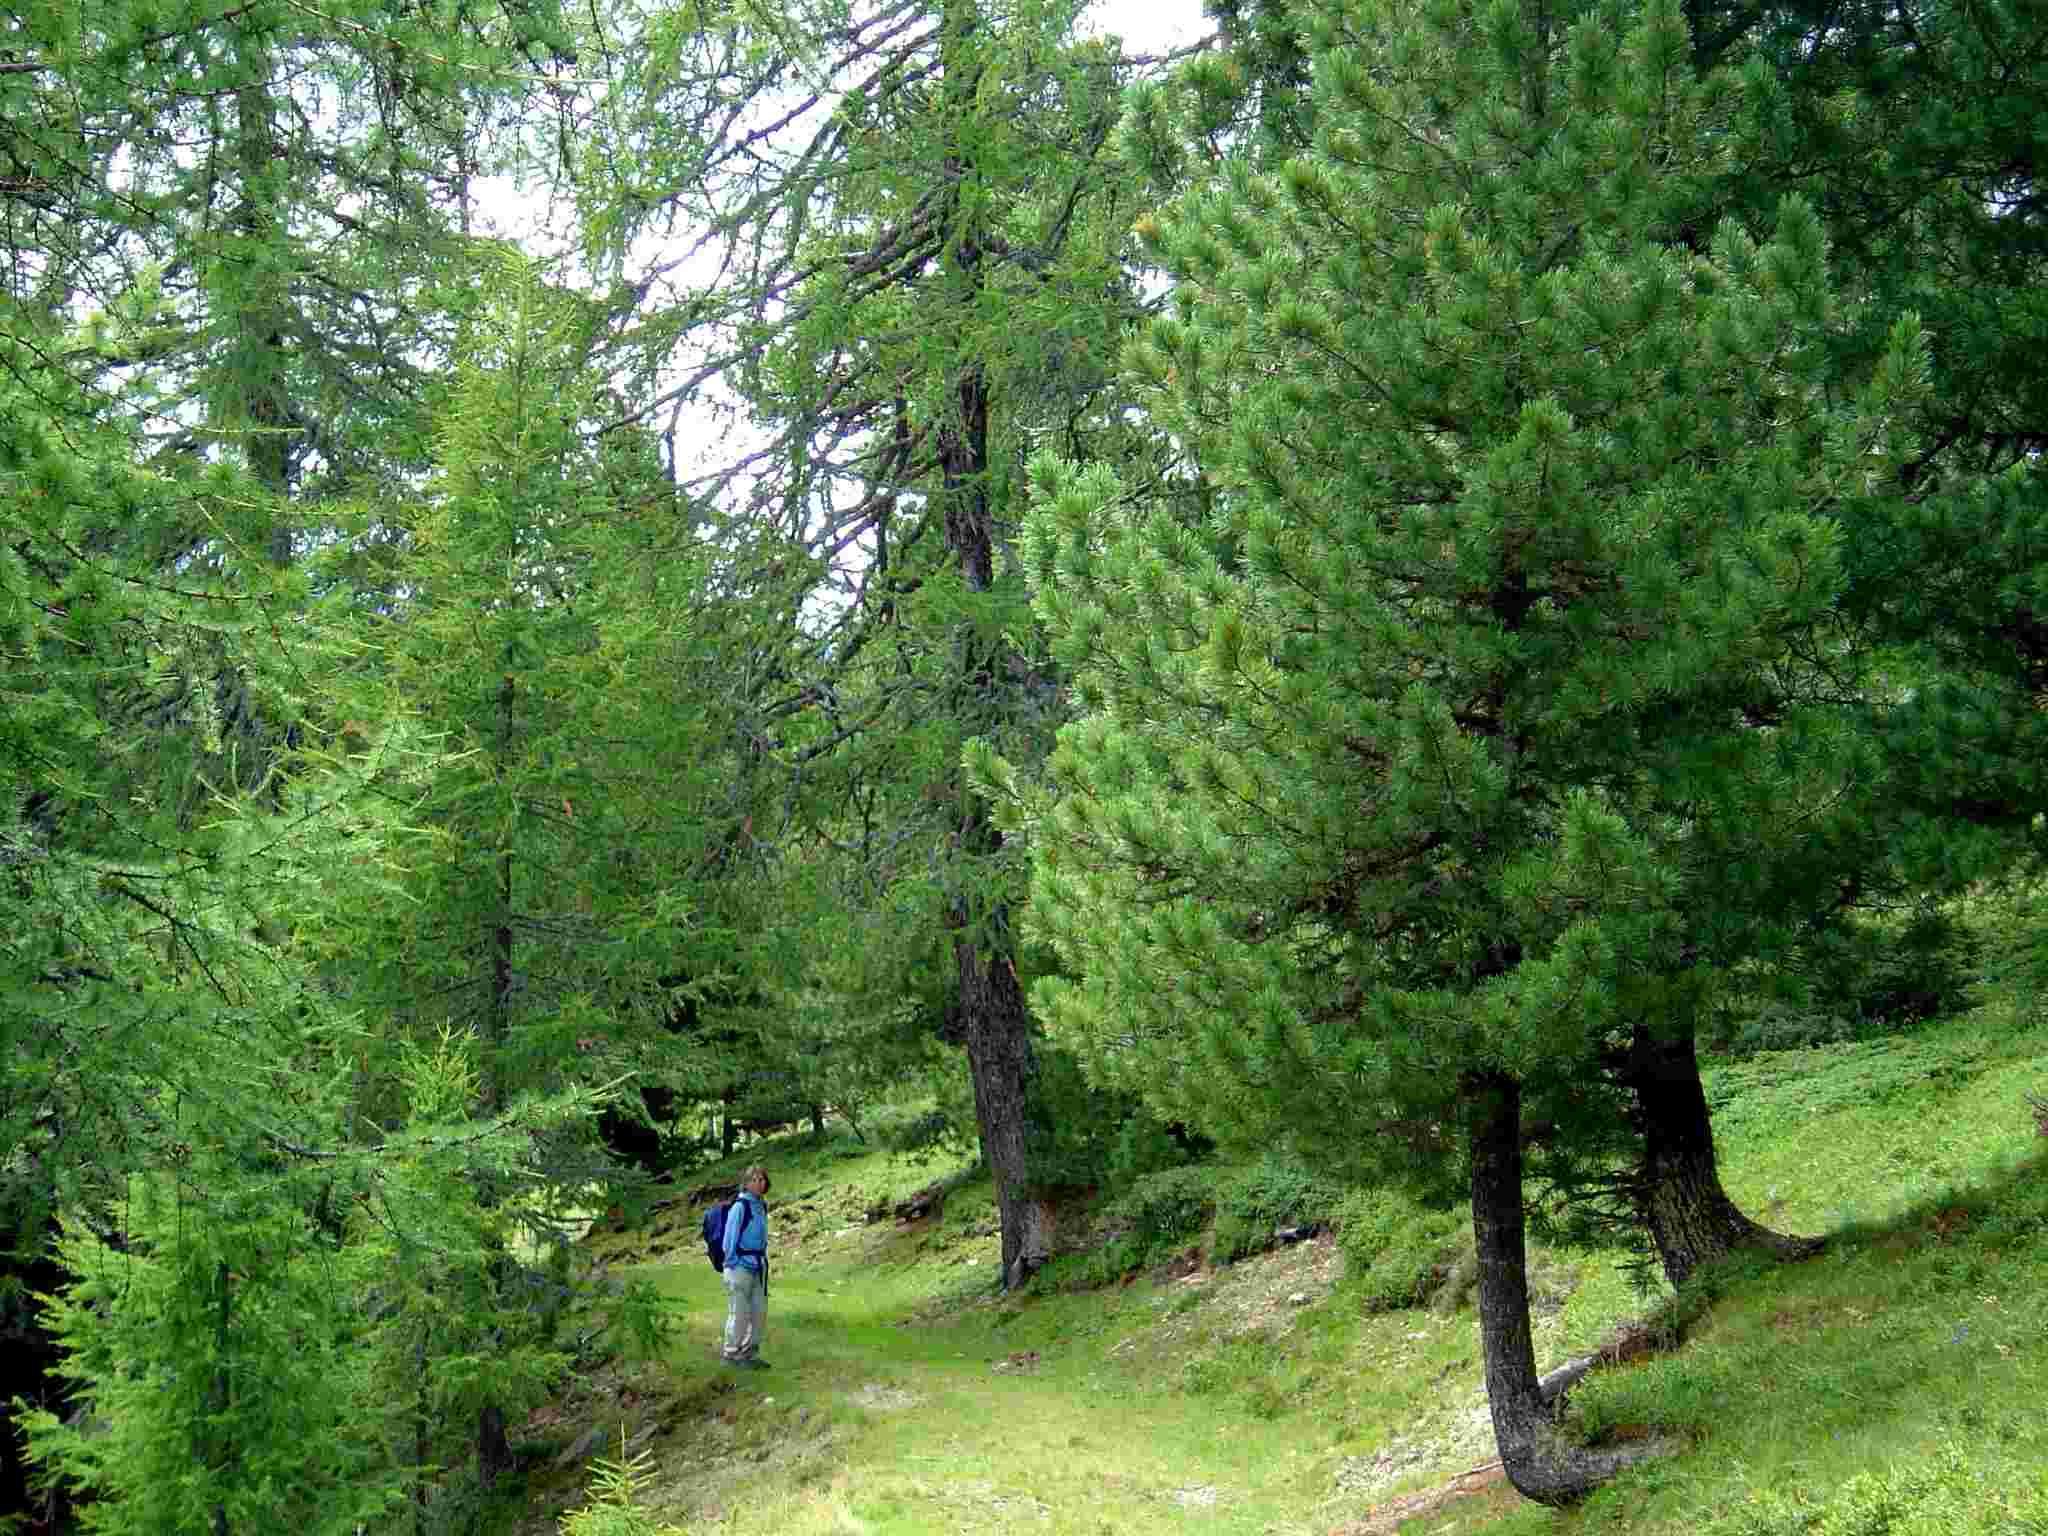 Foto: Manfred Karl / Wander Tour / Von St. Lorenzen auf den Speikkofel / Der Lärchen- und Zirbenbestand ist ene Augenweide. / 03.05.2007 06:28:30